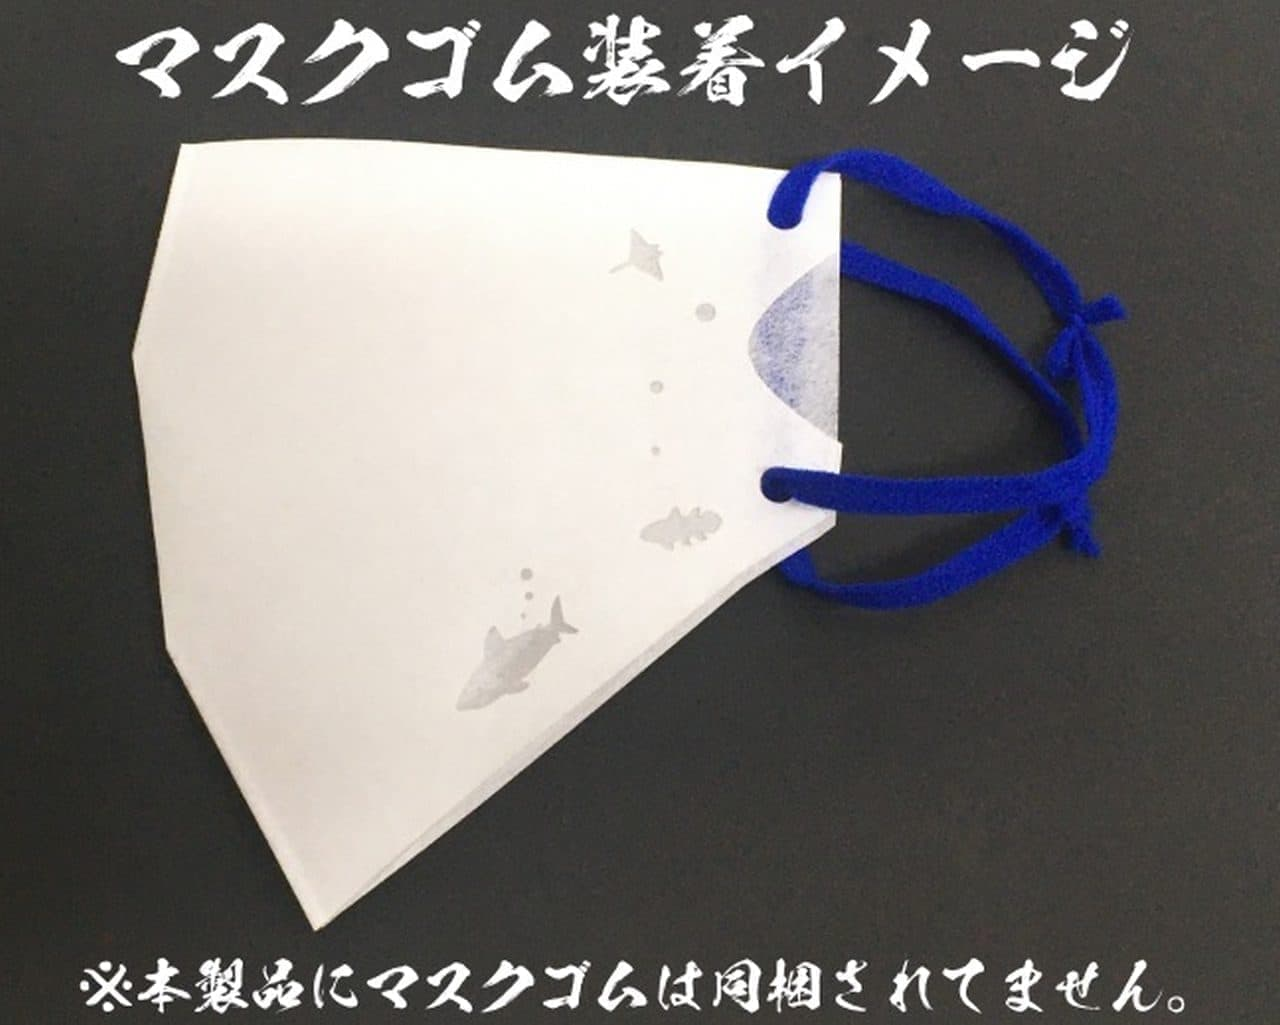 オーシャンティーバッグ「海洋生物マスク ゴム紐なし 4枚入」